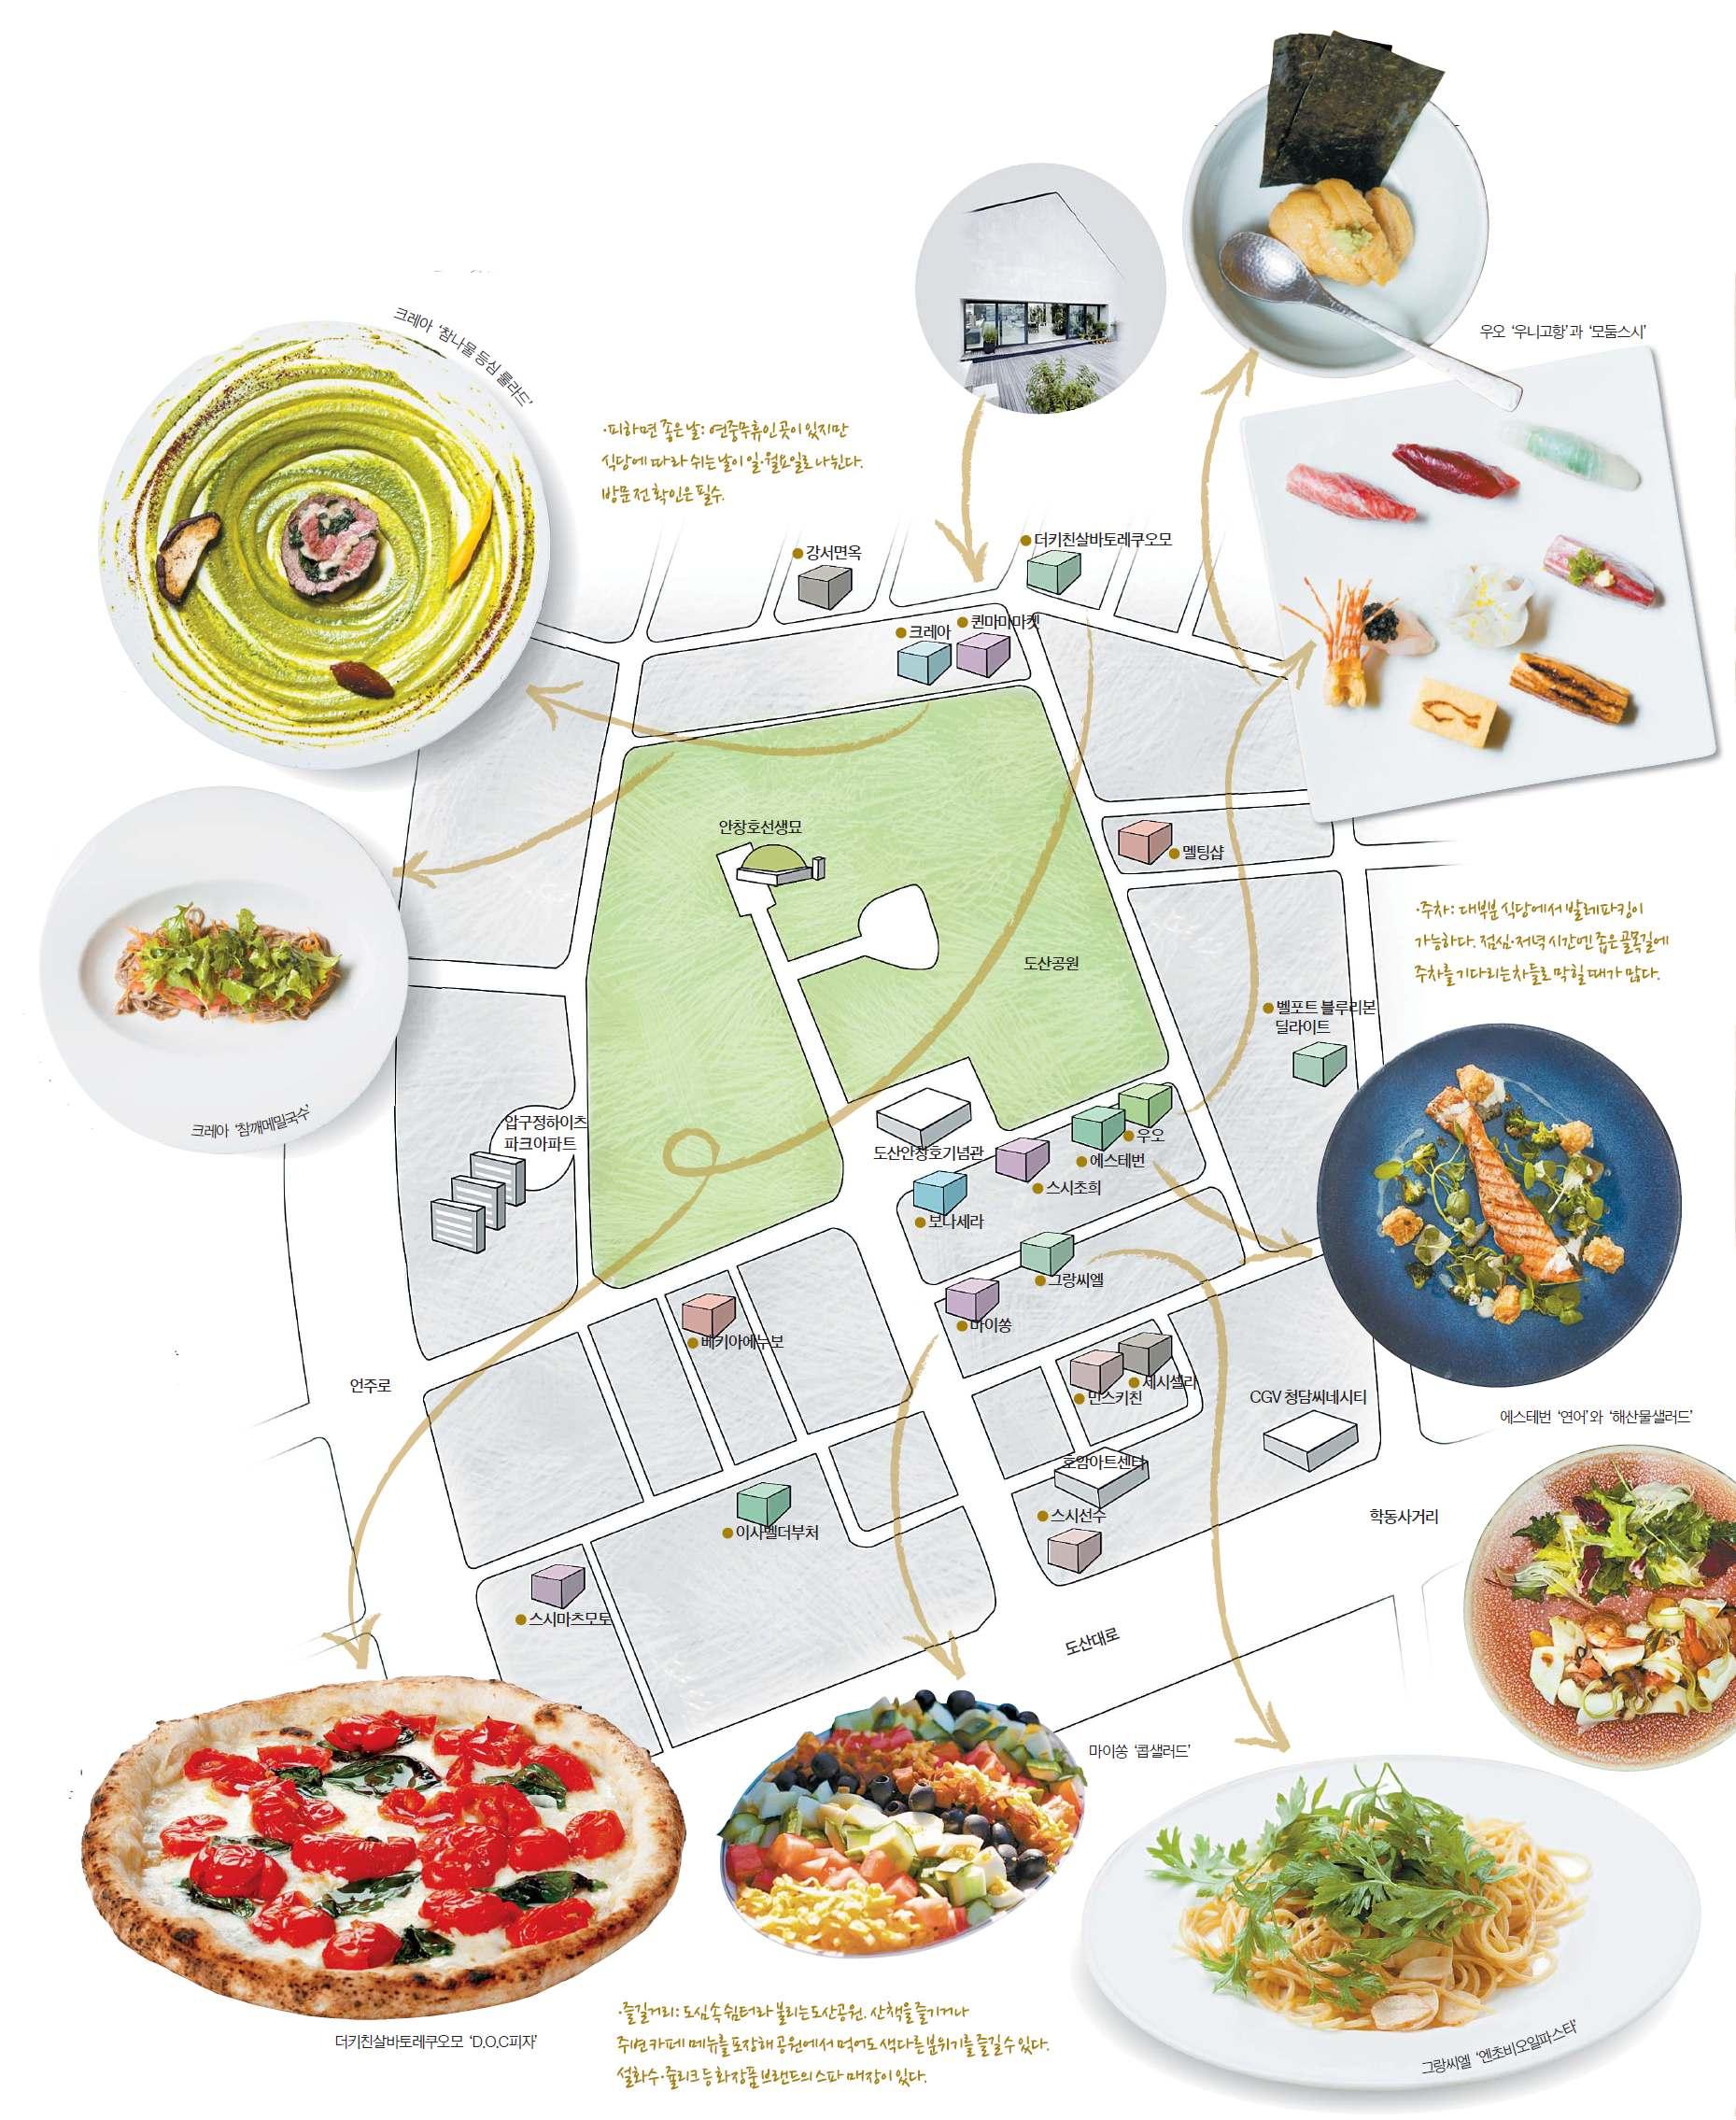 [도산공원길 맛있는 지도] 스타 셰프, 스시 장인이 펼치는 맛의 전쟁 - 중앙일보